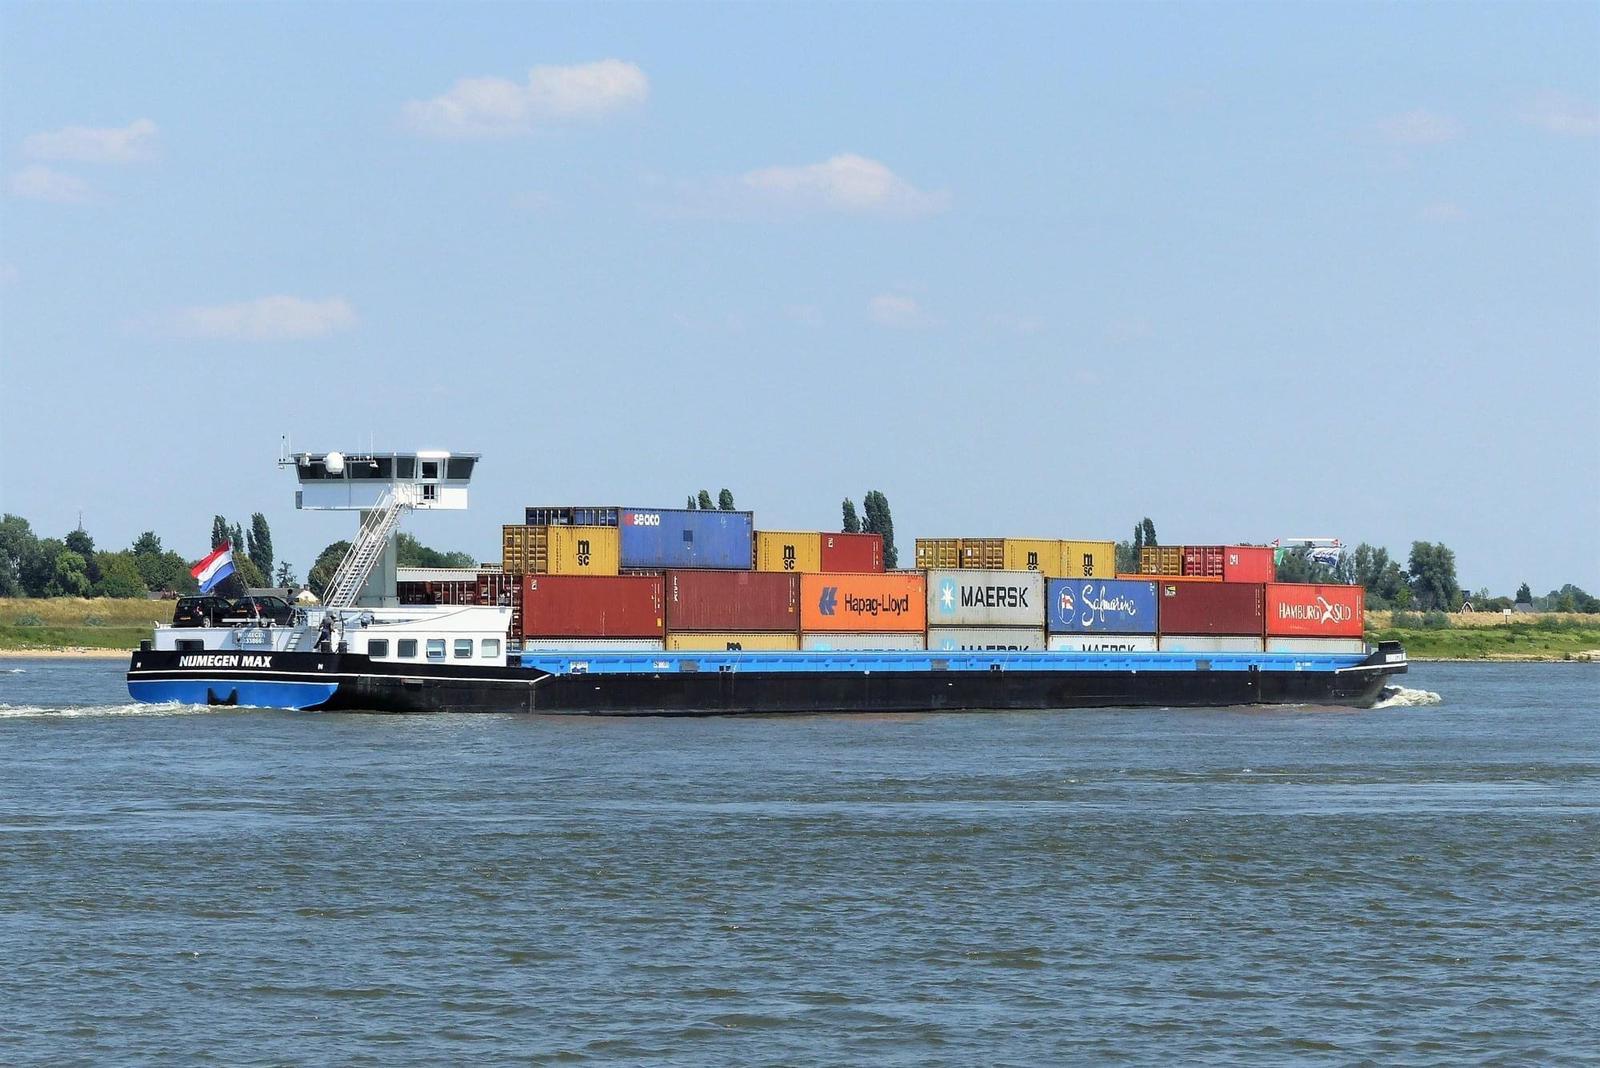 Nijmegen Max, elektrisch aangedreven binnenvaartschip